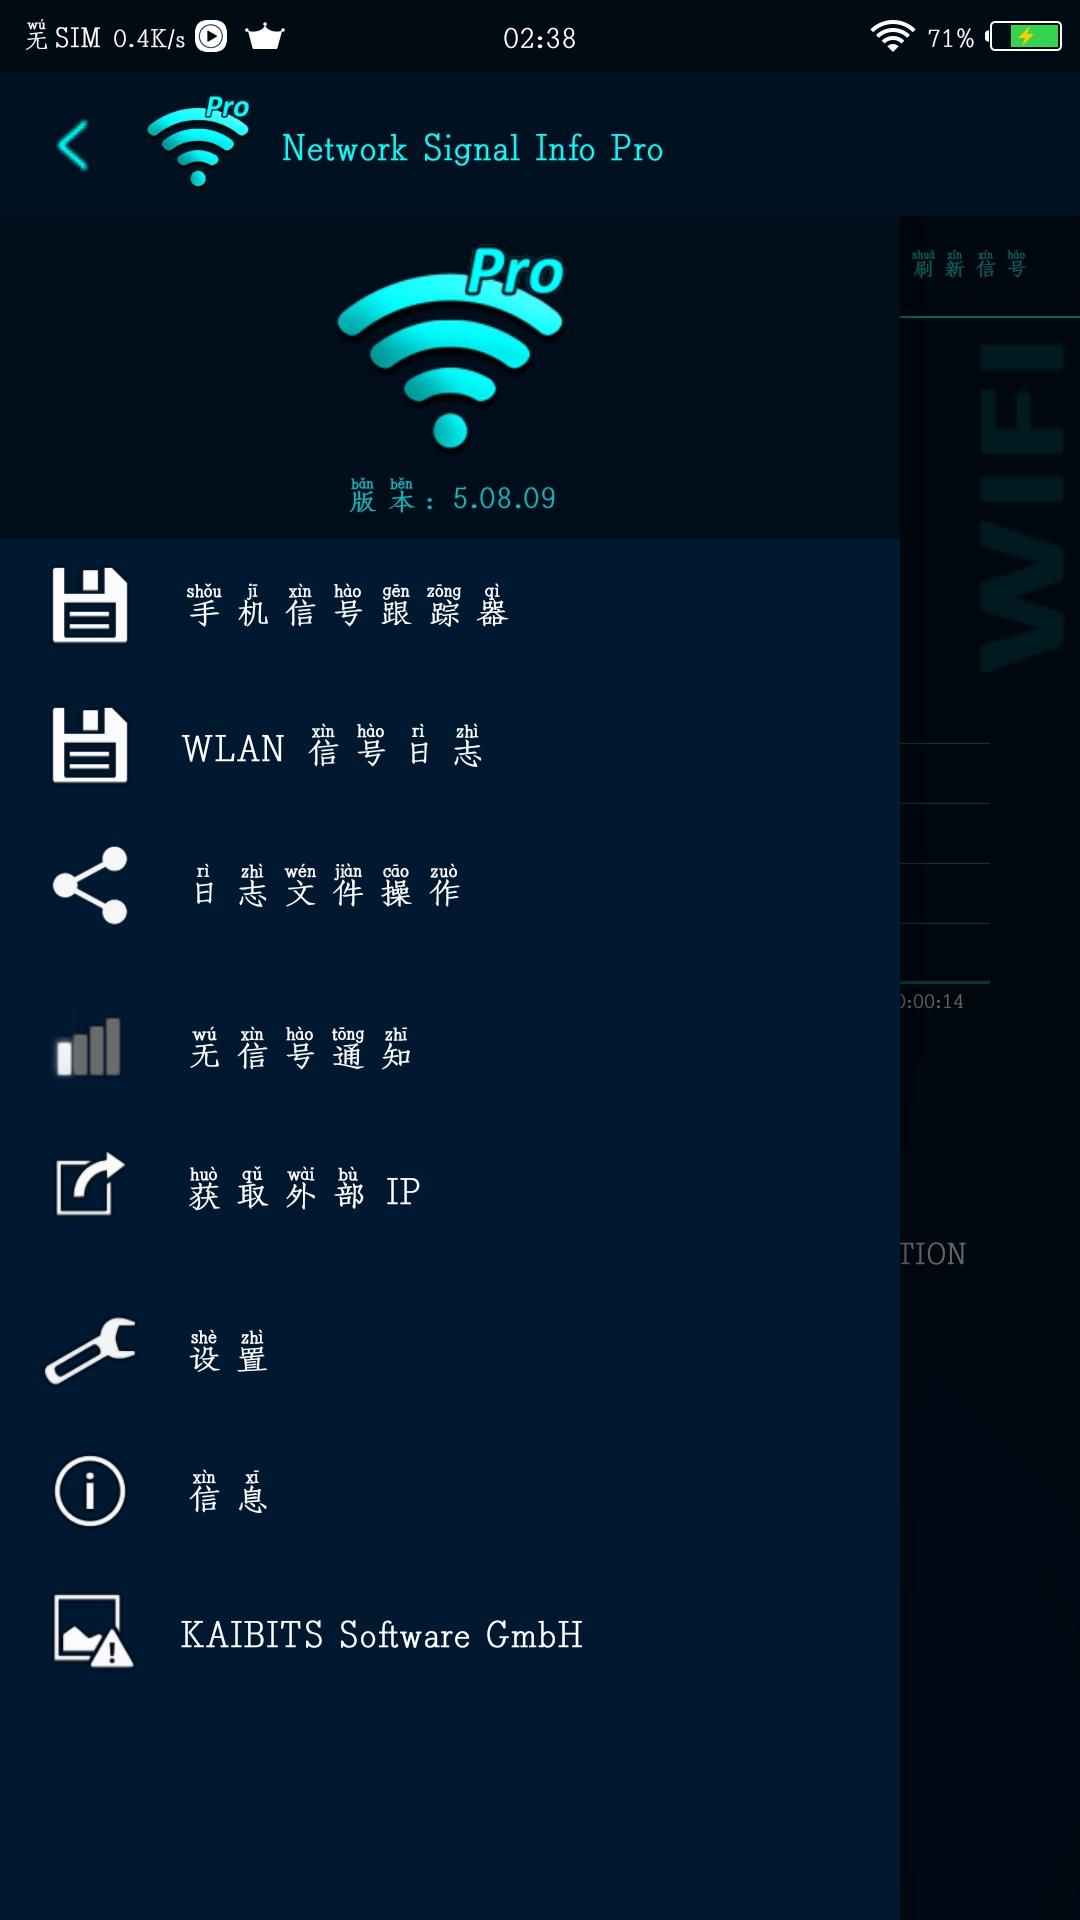 【分享】WIFI探测器 v5.08.09 网络卡时必备软件-爱小助